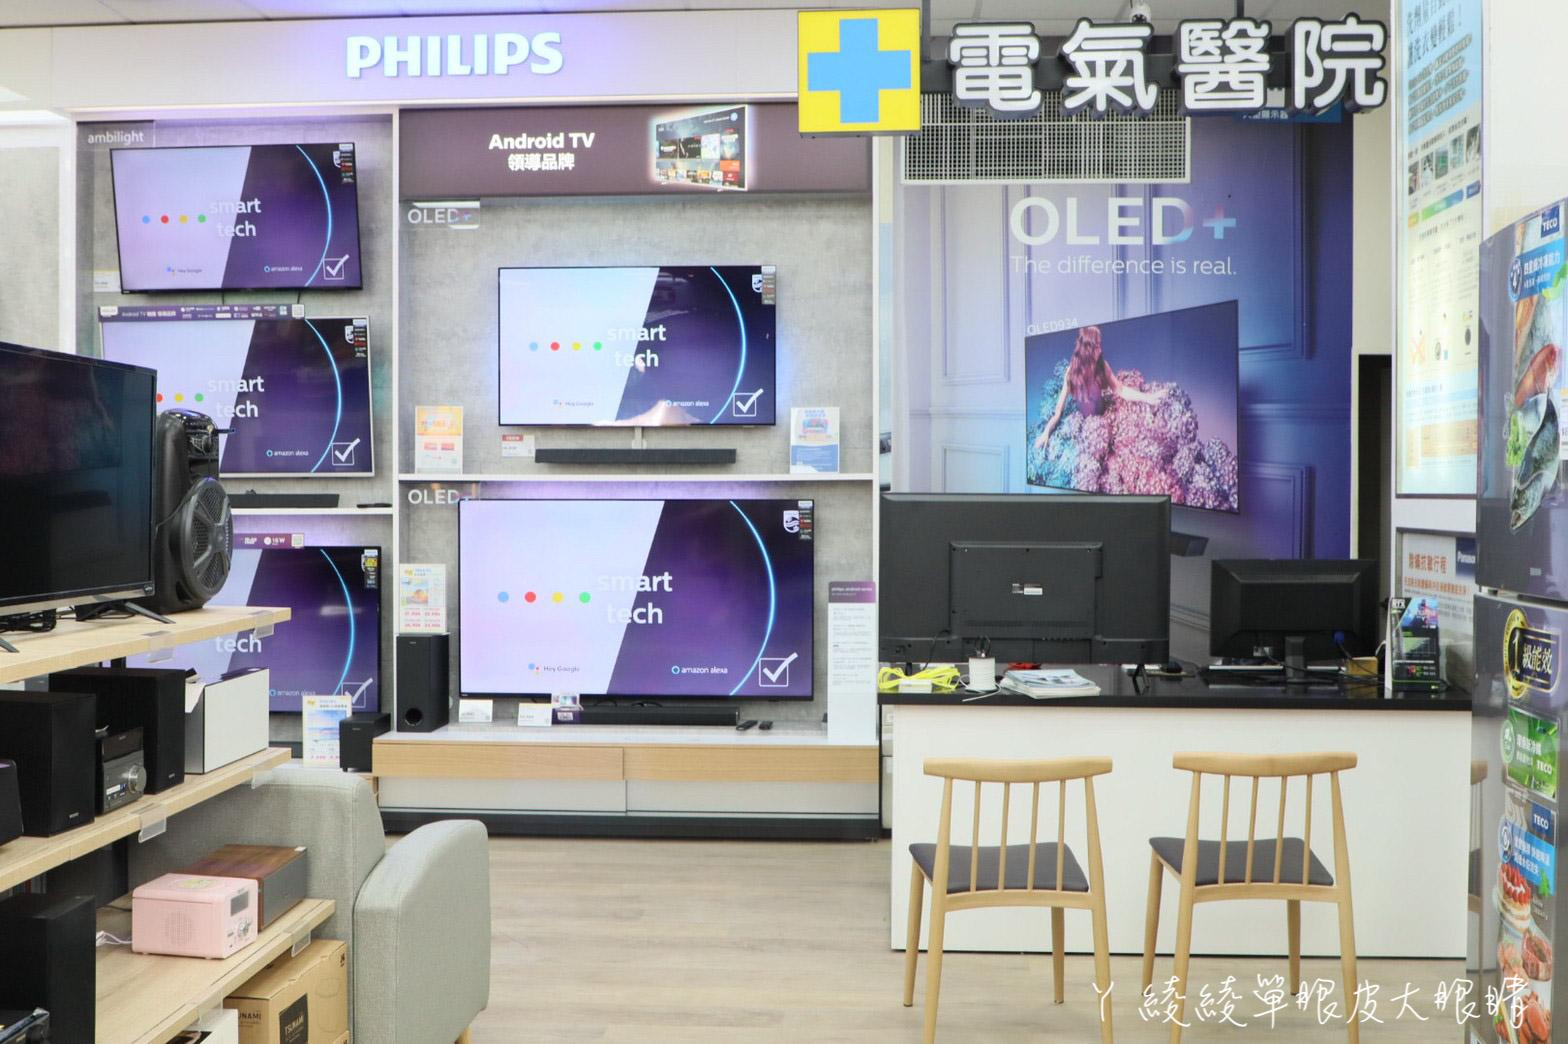 燦坤3C新竹店重新開幕!全新竹最大燦坤近400坪賣場瘋狂激殺優惠,iPhone、iMac獨家折扣